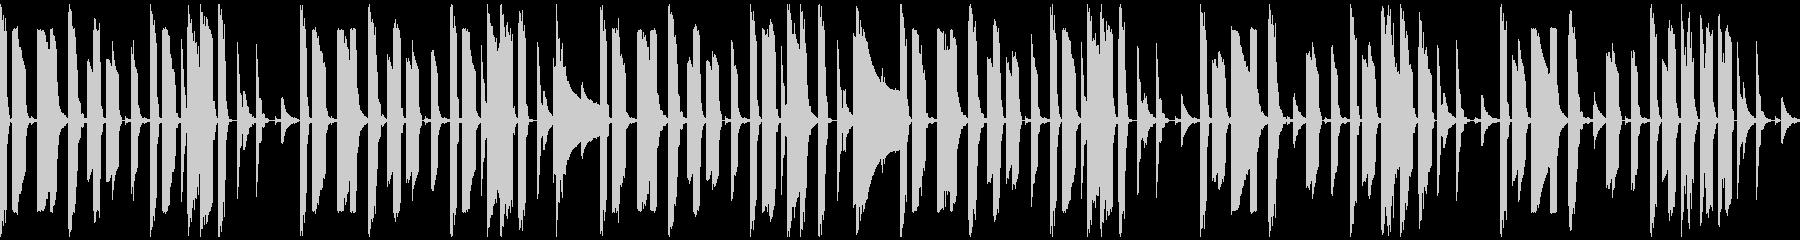 元気な8bitゲーム音楽【ループ素材系】の未再生の波形